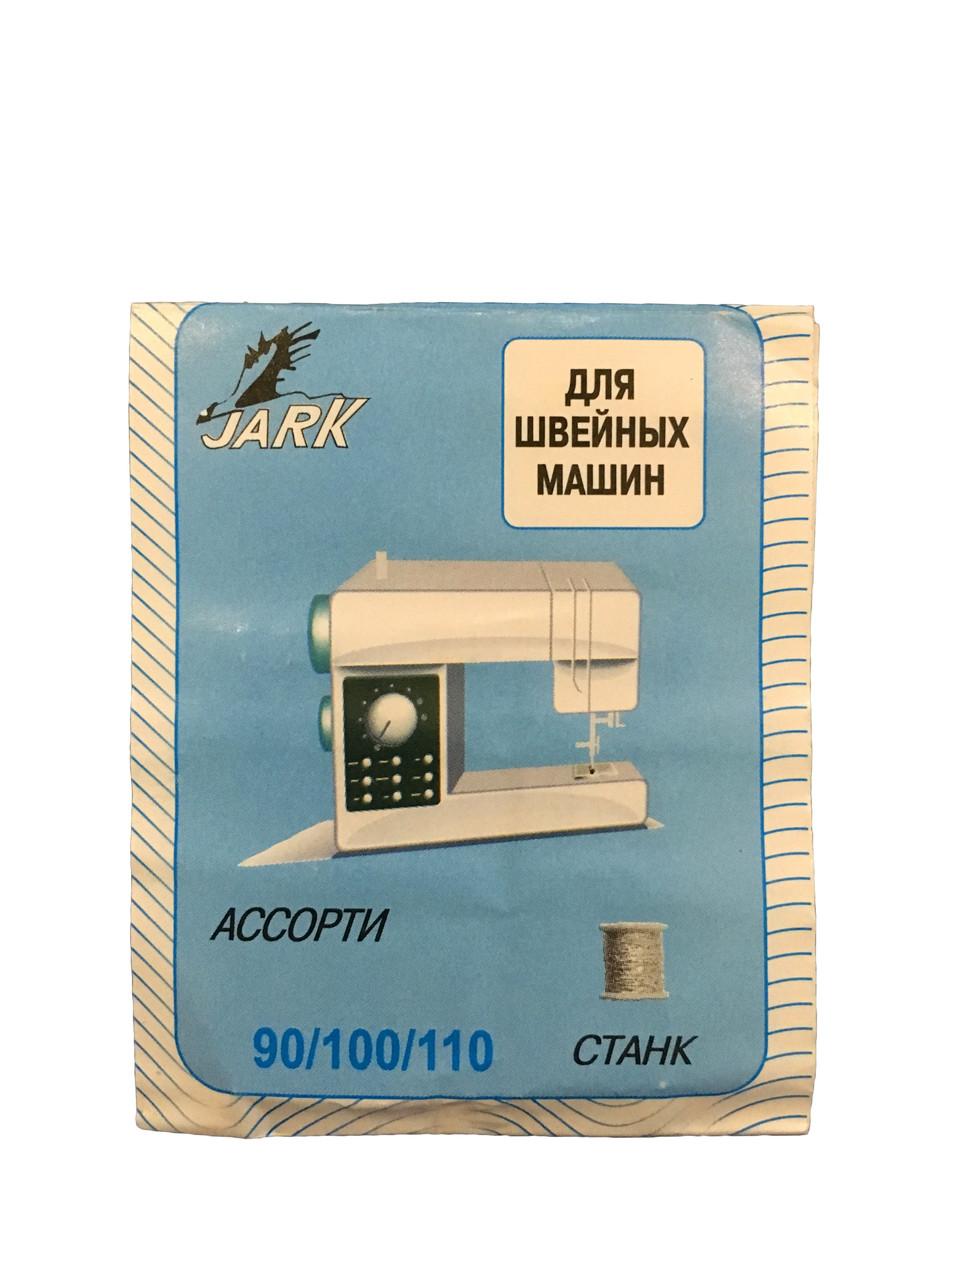 Игла для швейной машины Станк Инвест JARK АССОРТИ 90/100/110 серебристый